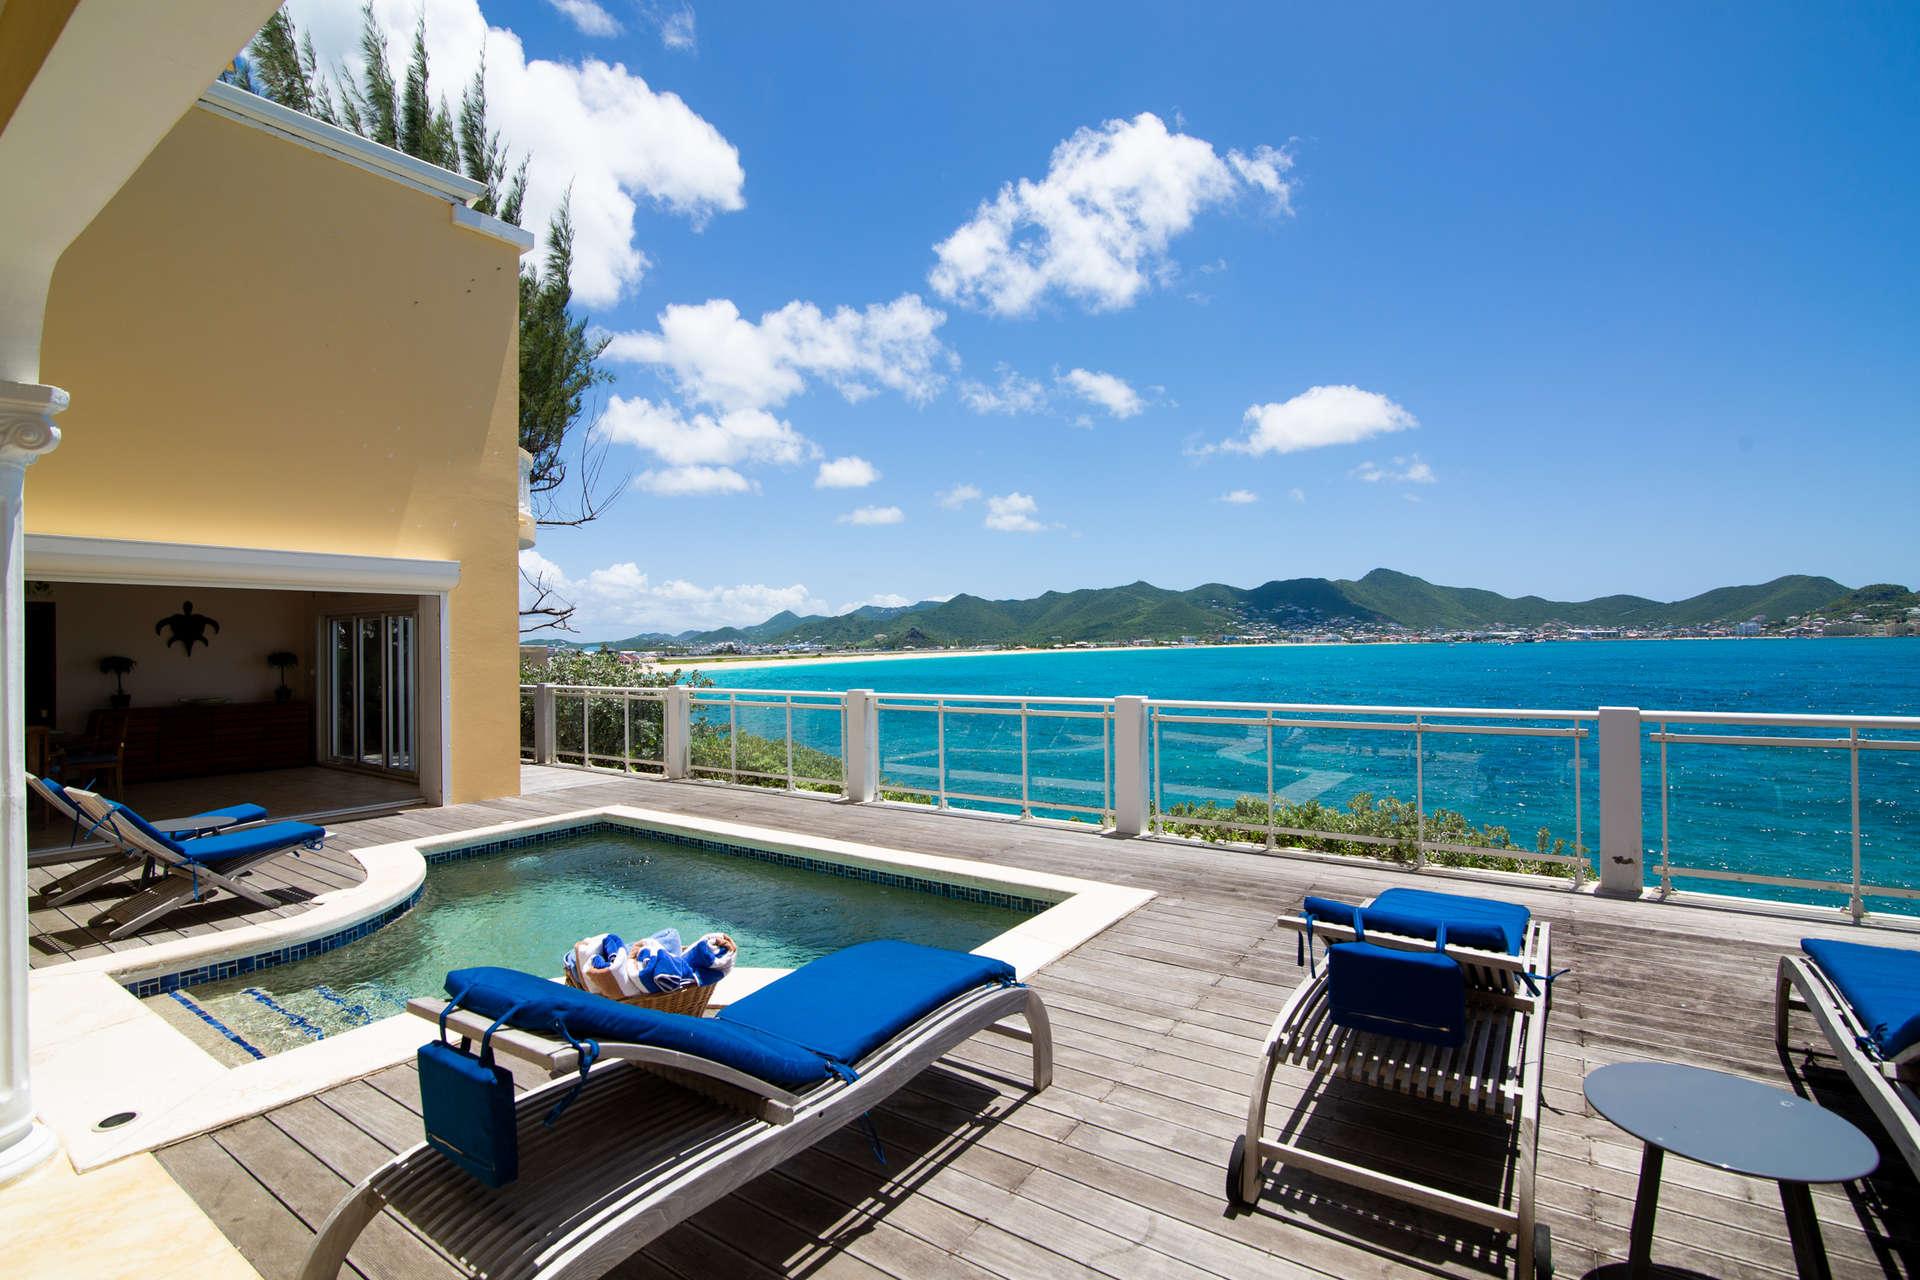 Luxury villa rentals caribbean - St martin - Sint maarten - Beacon hill - Villa Tara - Image 1/24